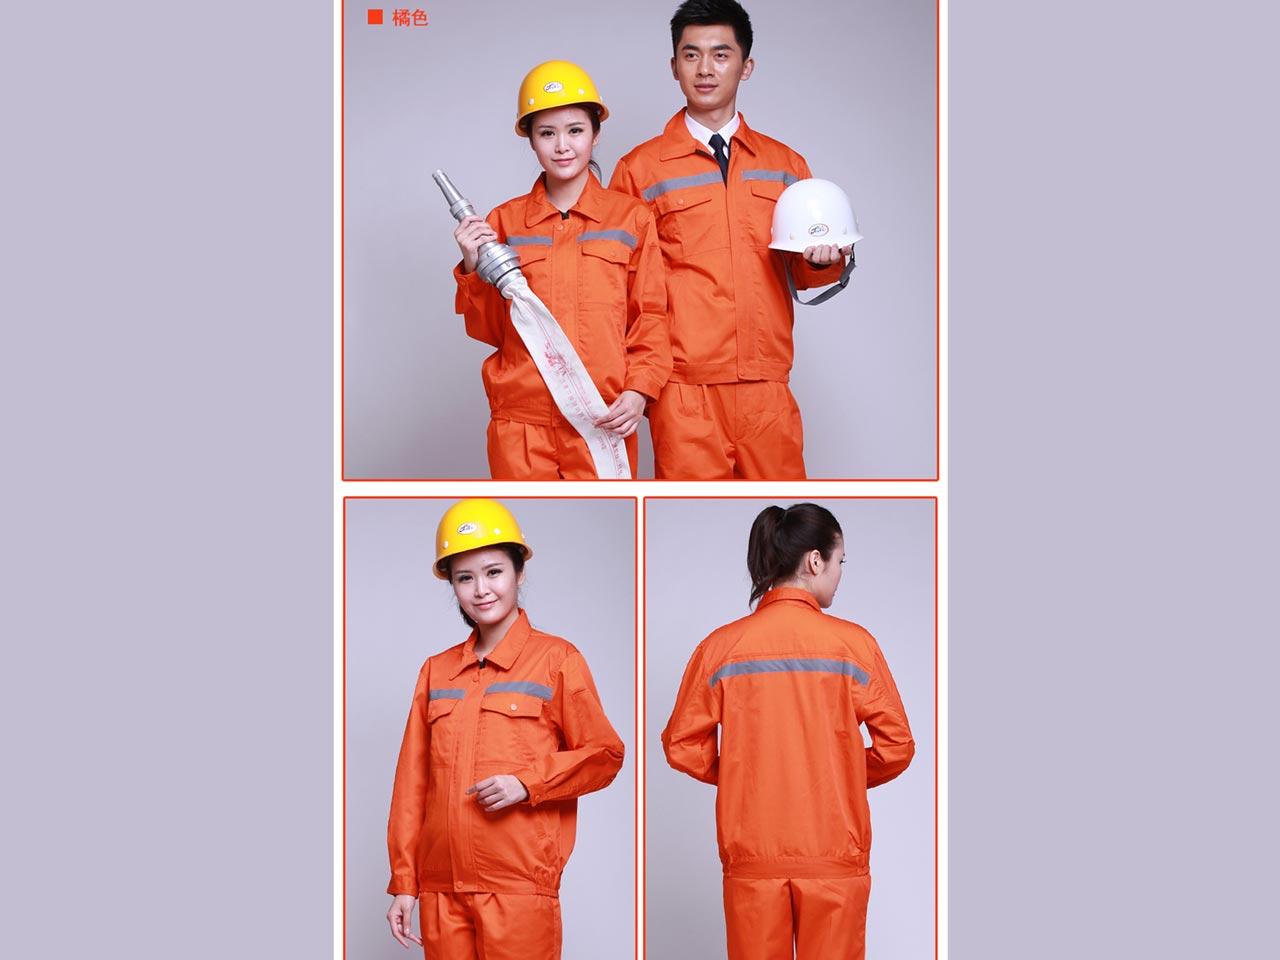 服装定制-服装定制厂家-服饰厂